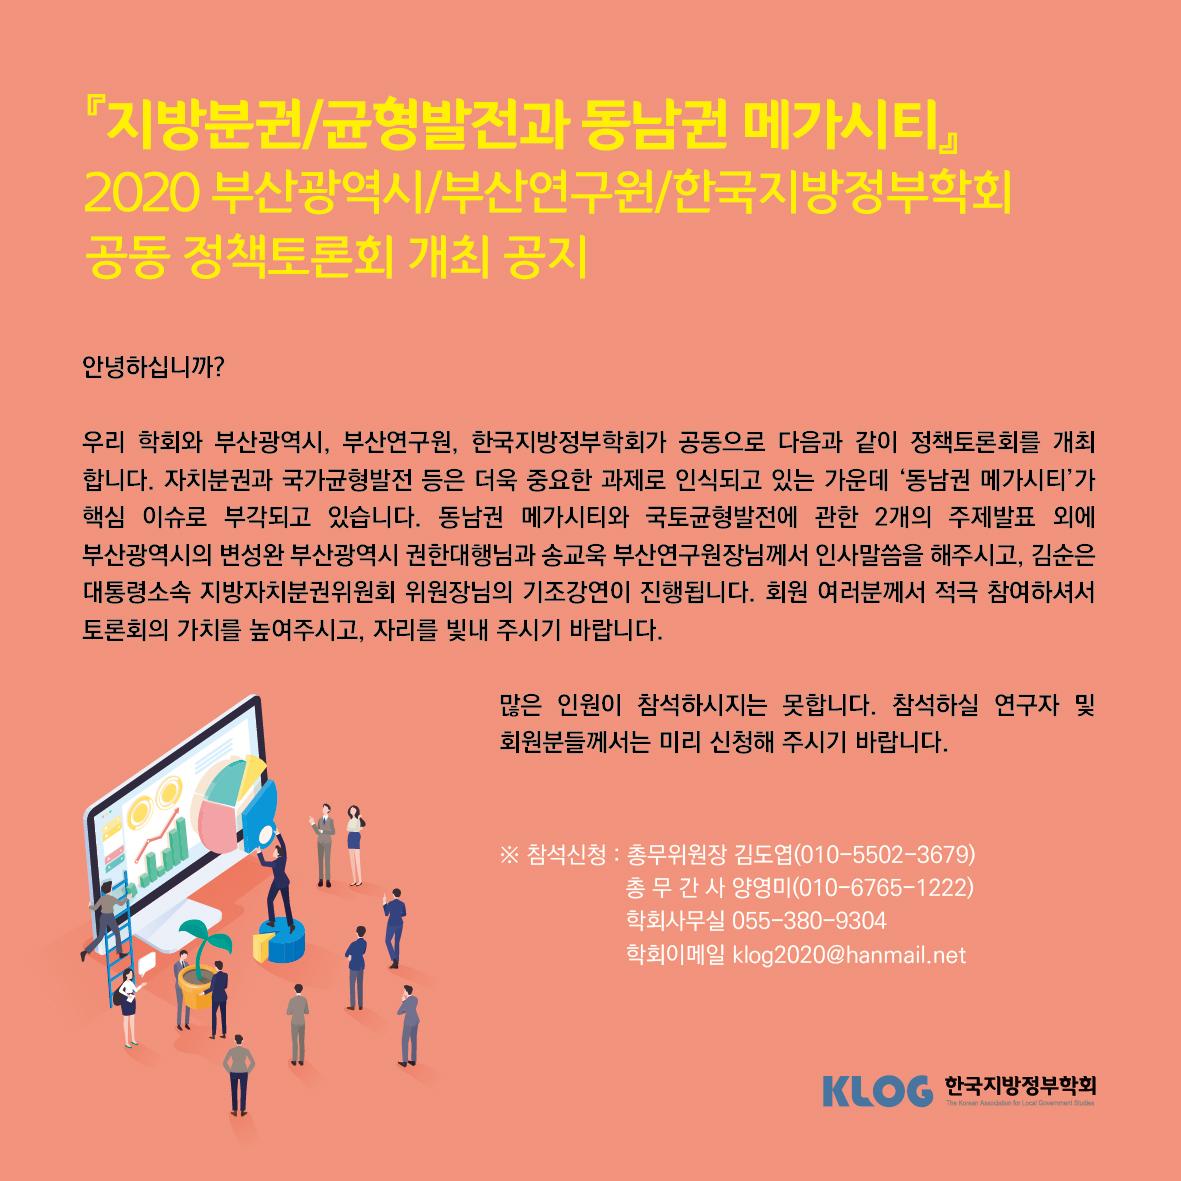 부산연구원토론회 공지-01.jpg